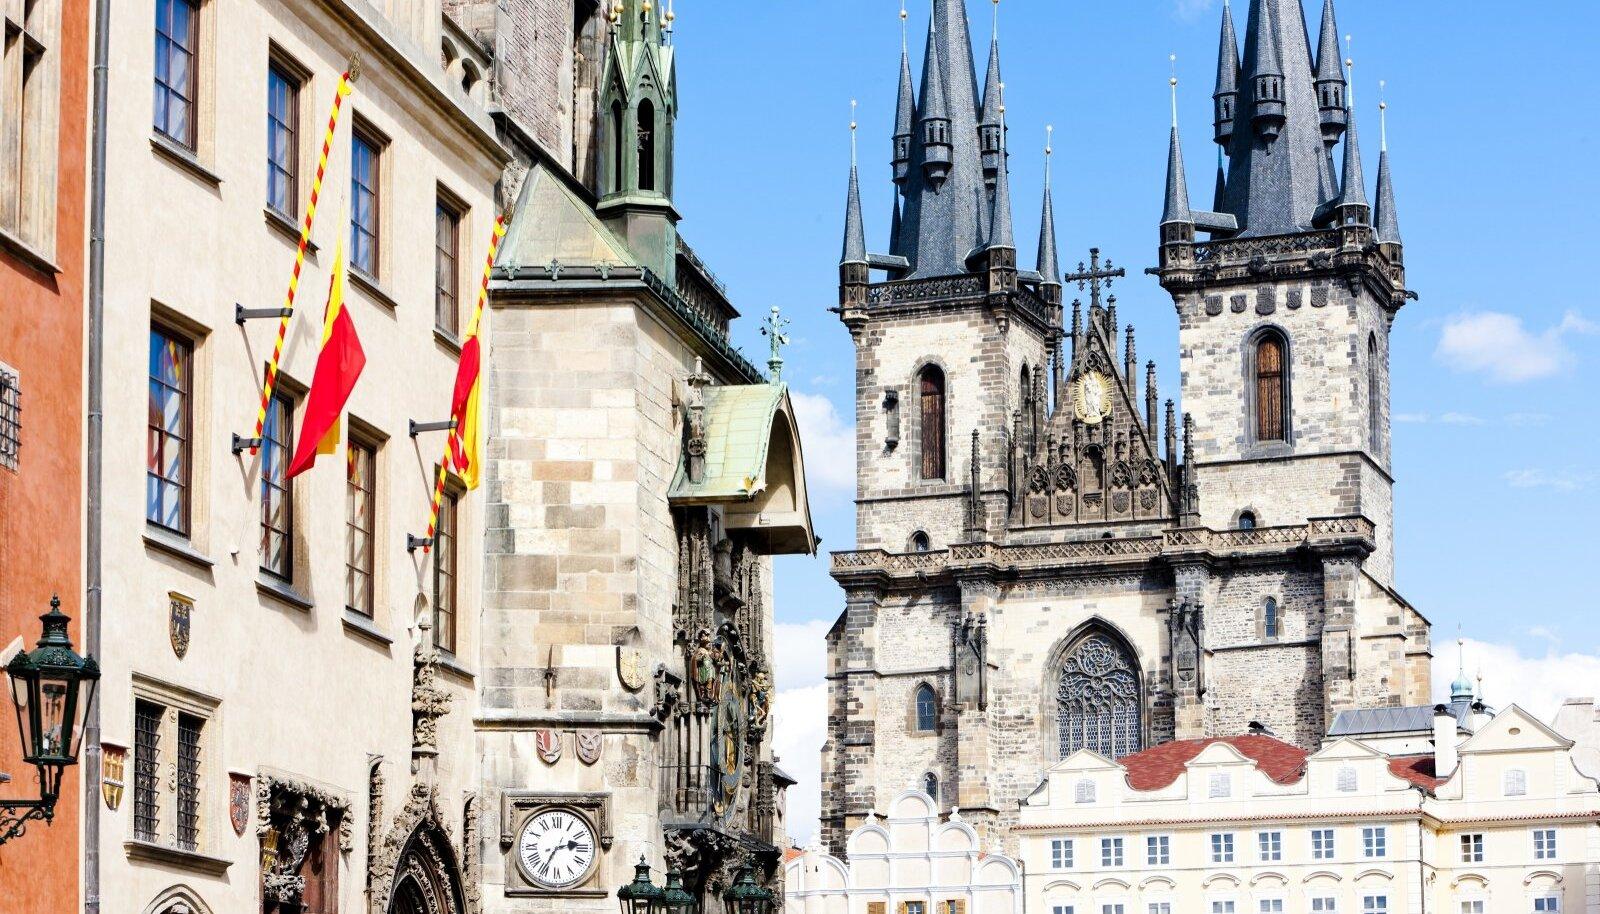 Katrin Pautsi Praha on ärev ja elav ning tuksub kiiresti kui tiisikeri süda. Fotol Staré Město, Praha vanalinn